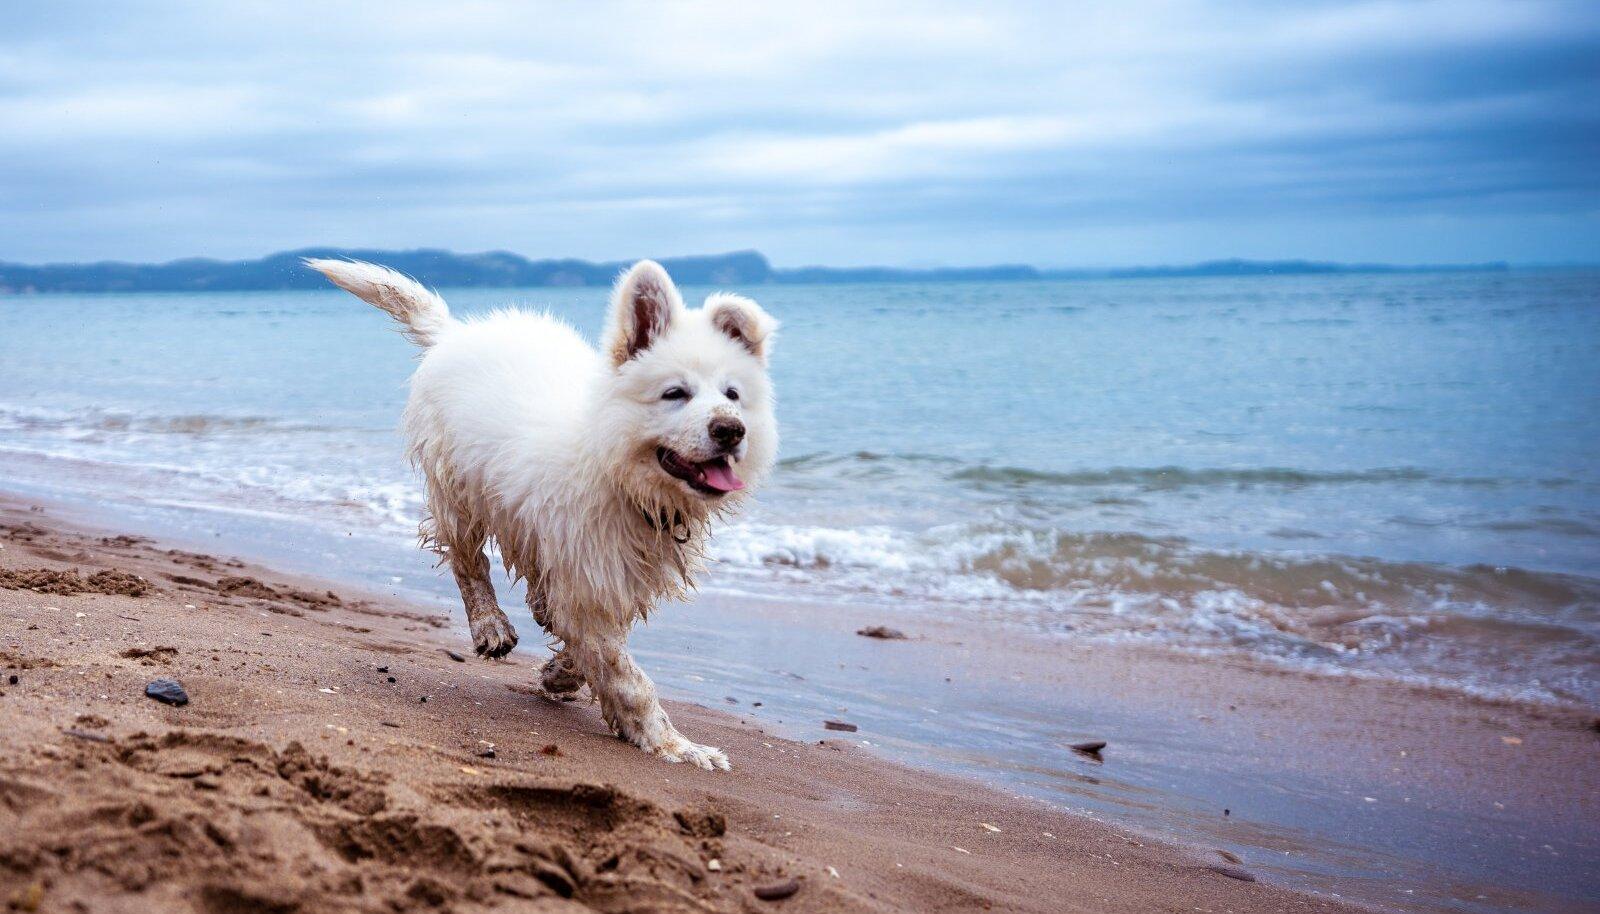 Koer rannas